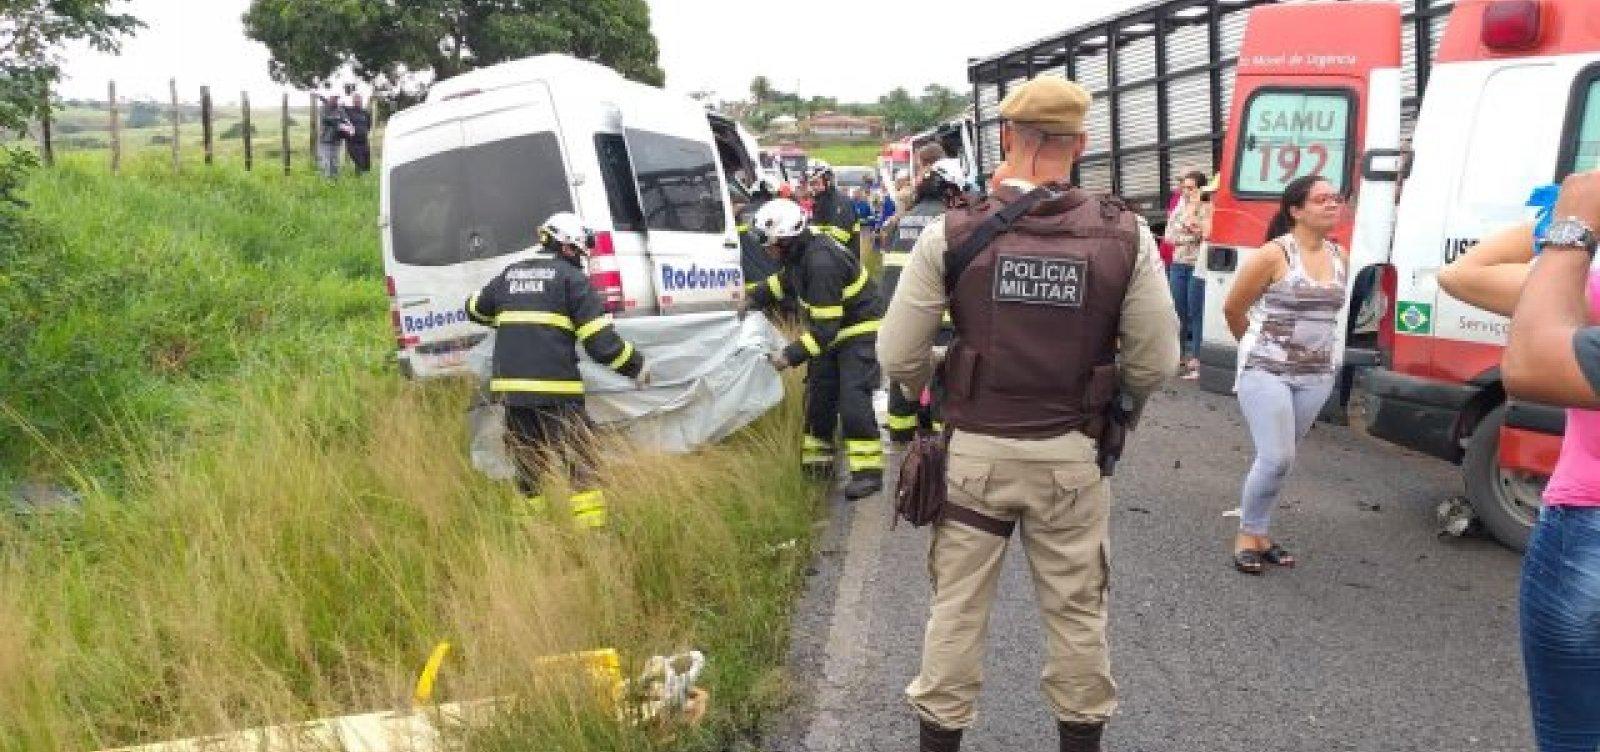 [Oito pessoas morrem em acidente em rodovia entre Feira de Santana e São Gonçalo]